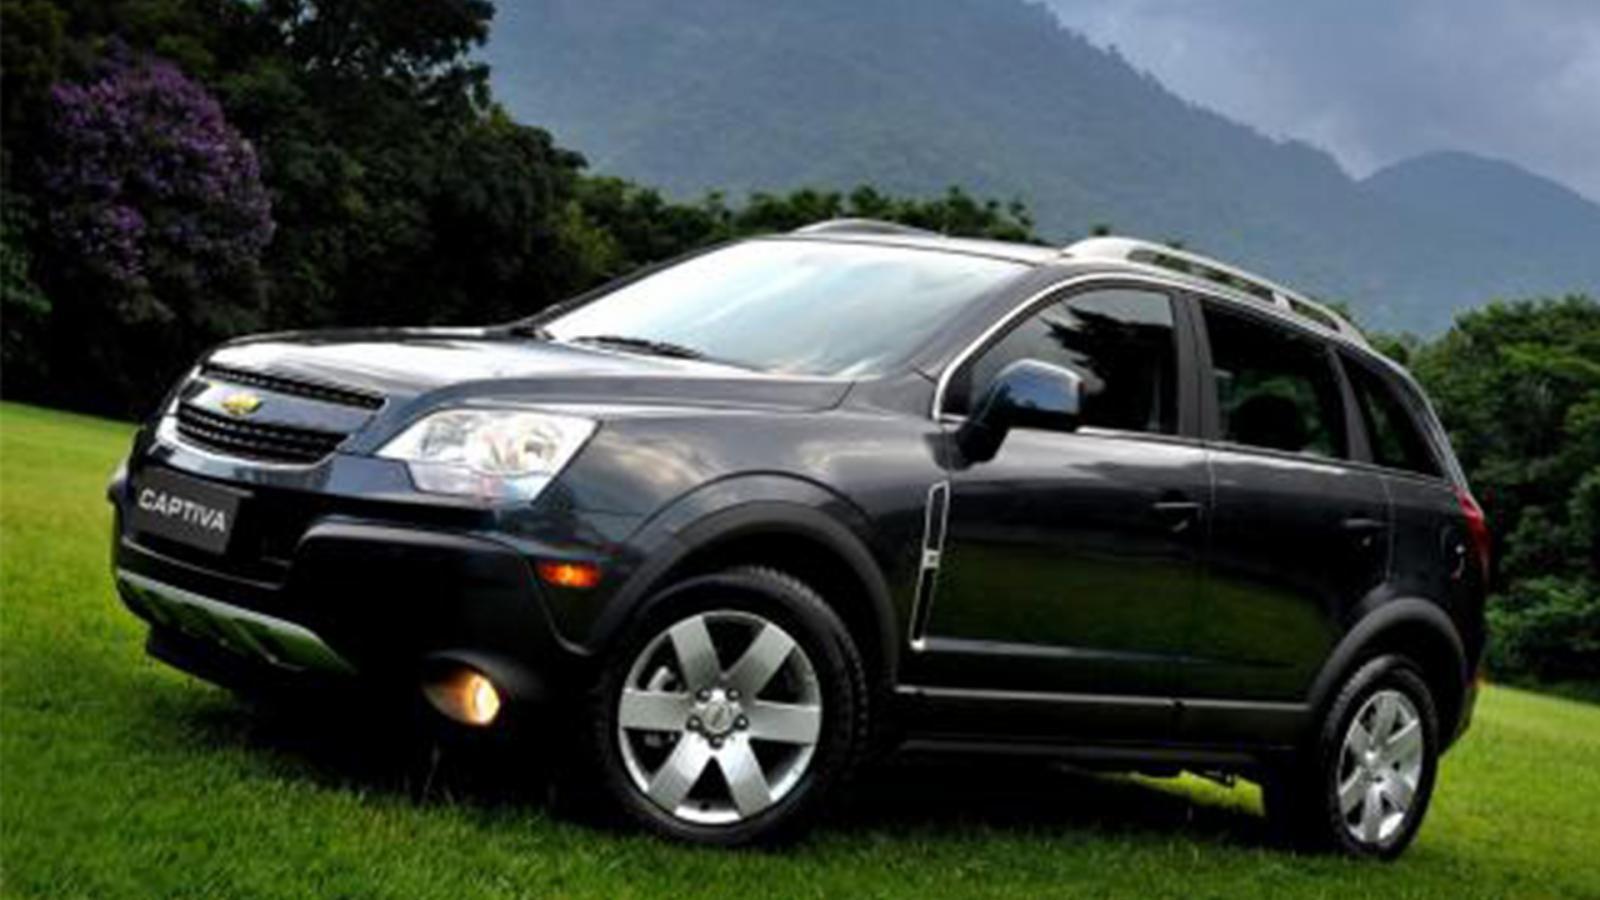 Chevrolet Sport 2014 800 1024 1280 1600 Origin 2014 Chevrolet